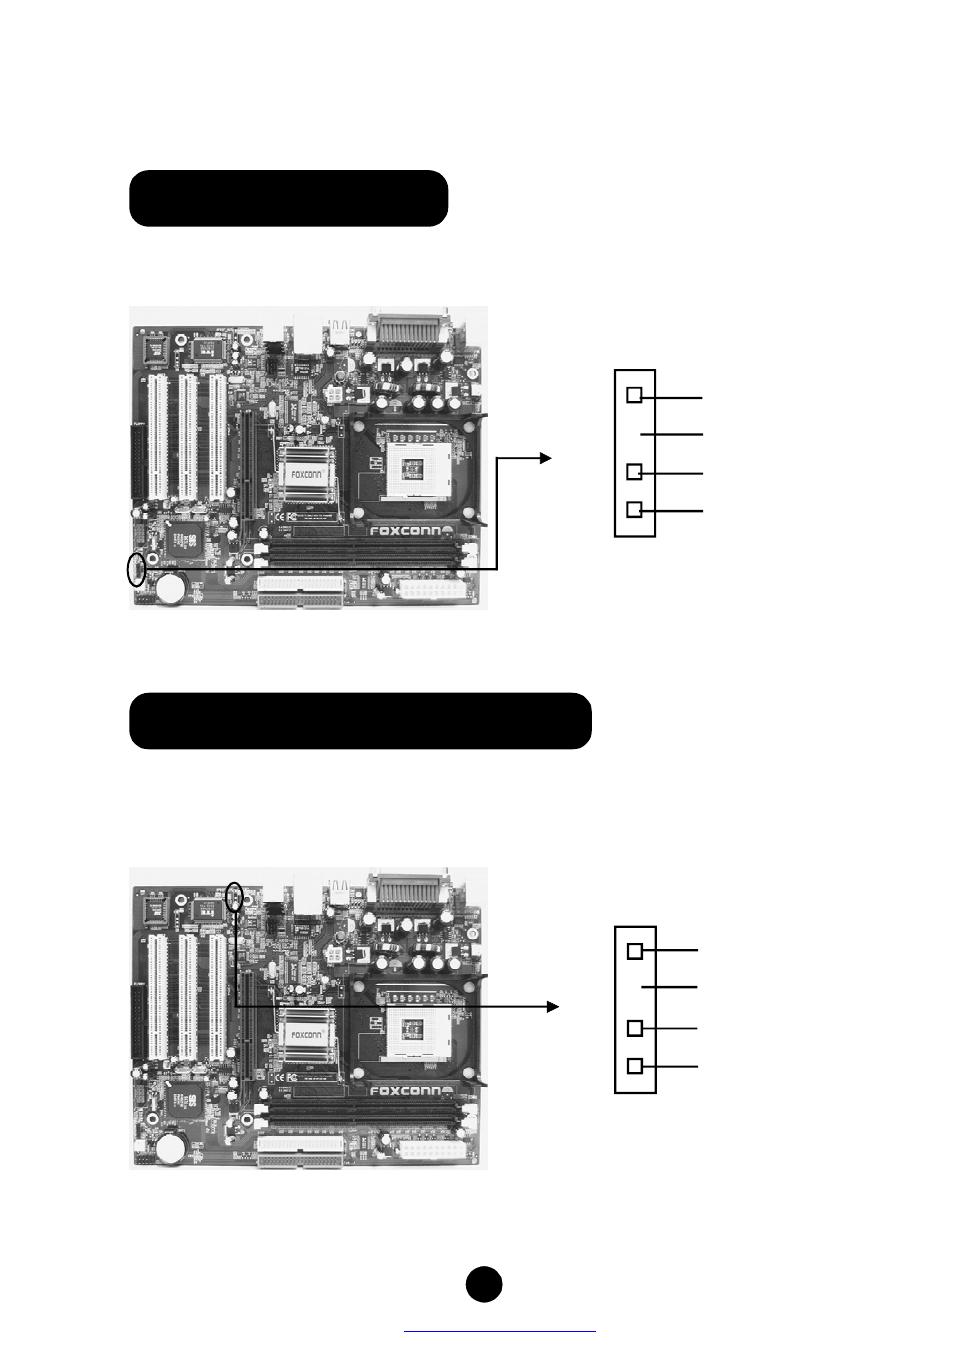 FOXCONN 661MX MANUAL PDF